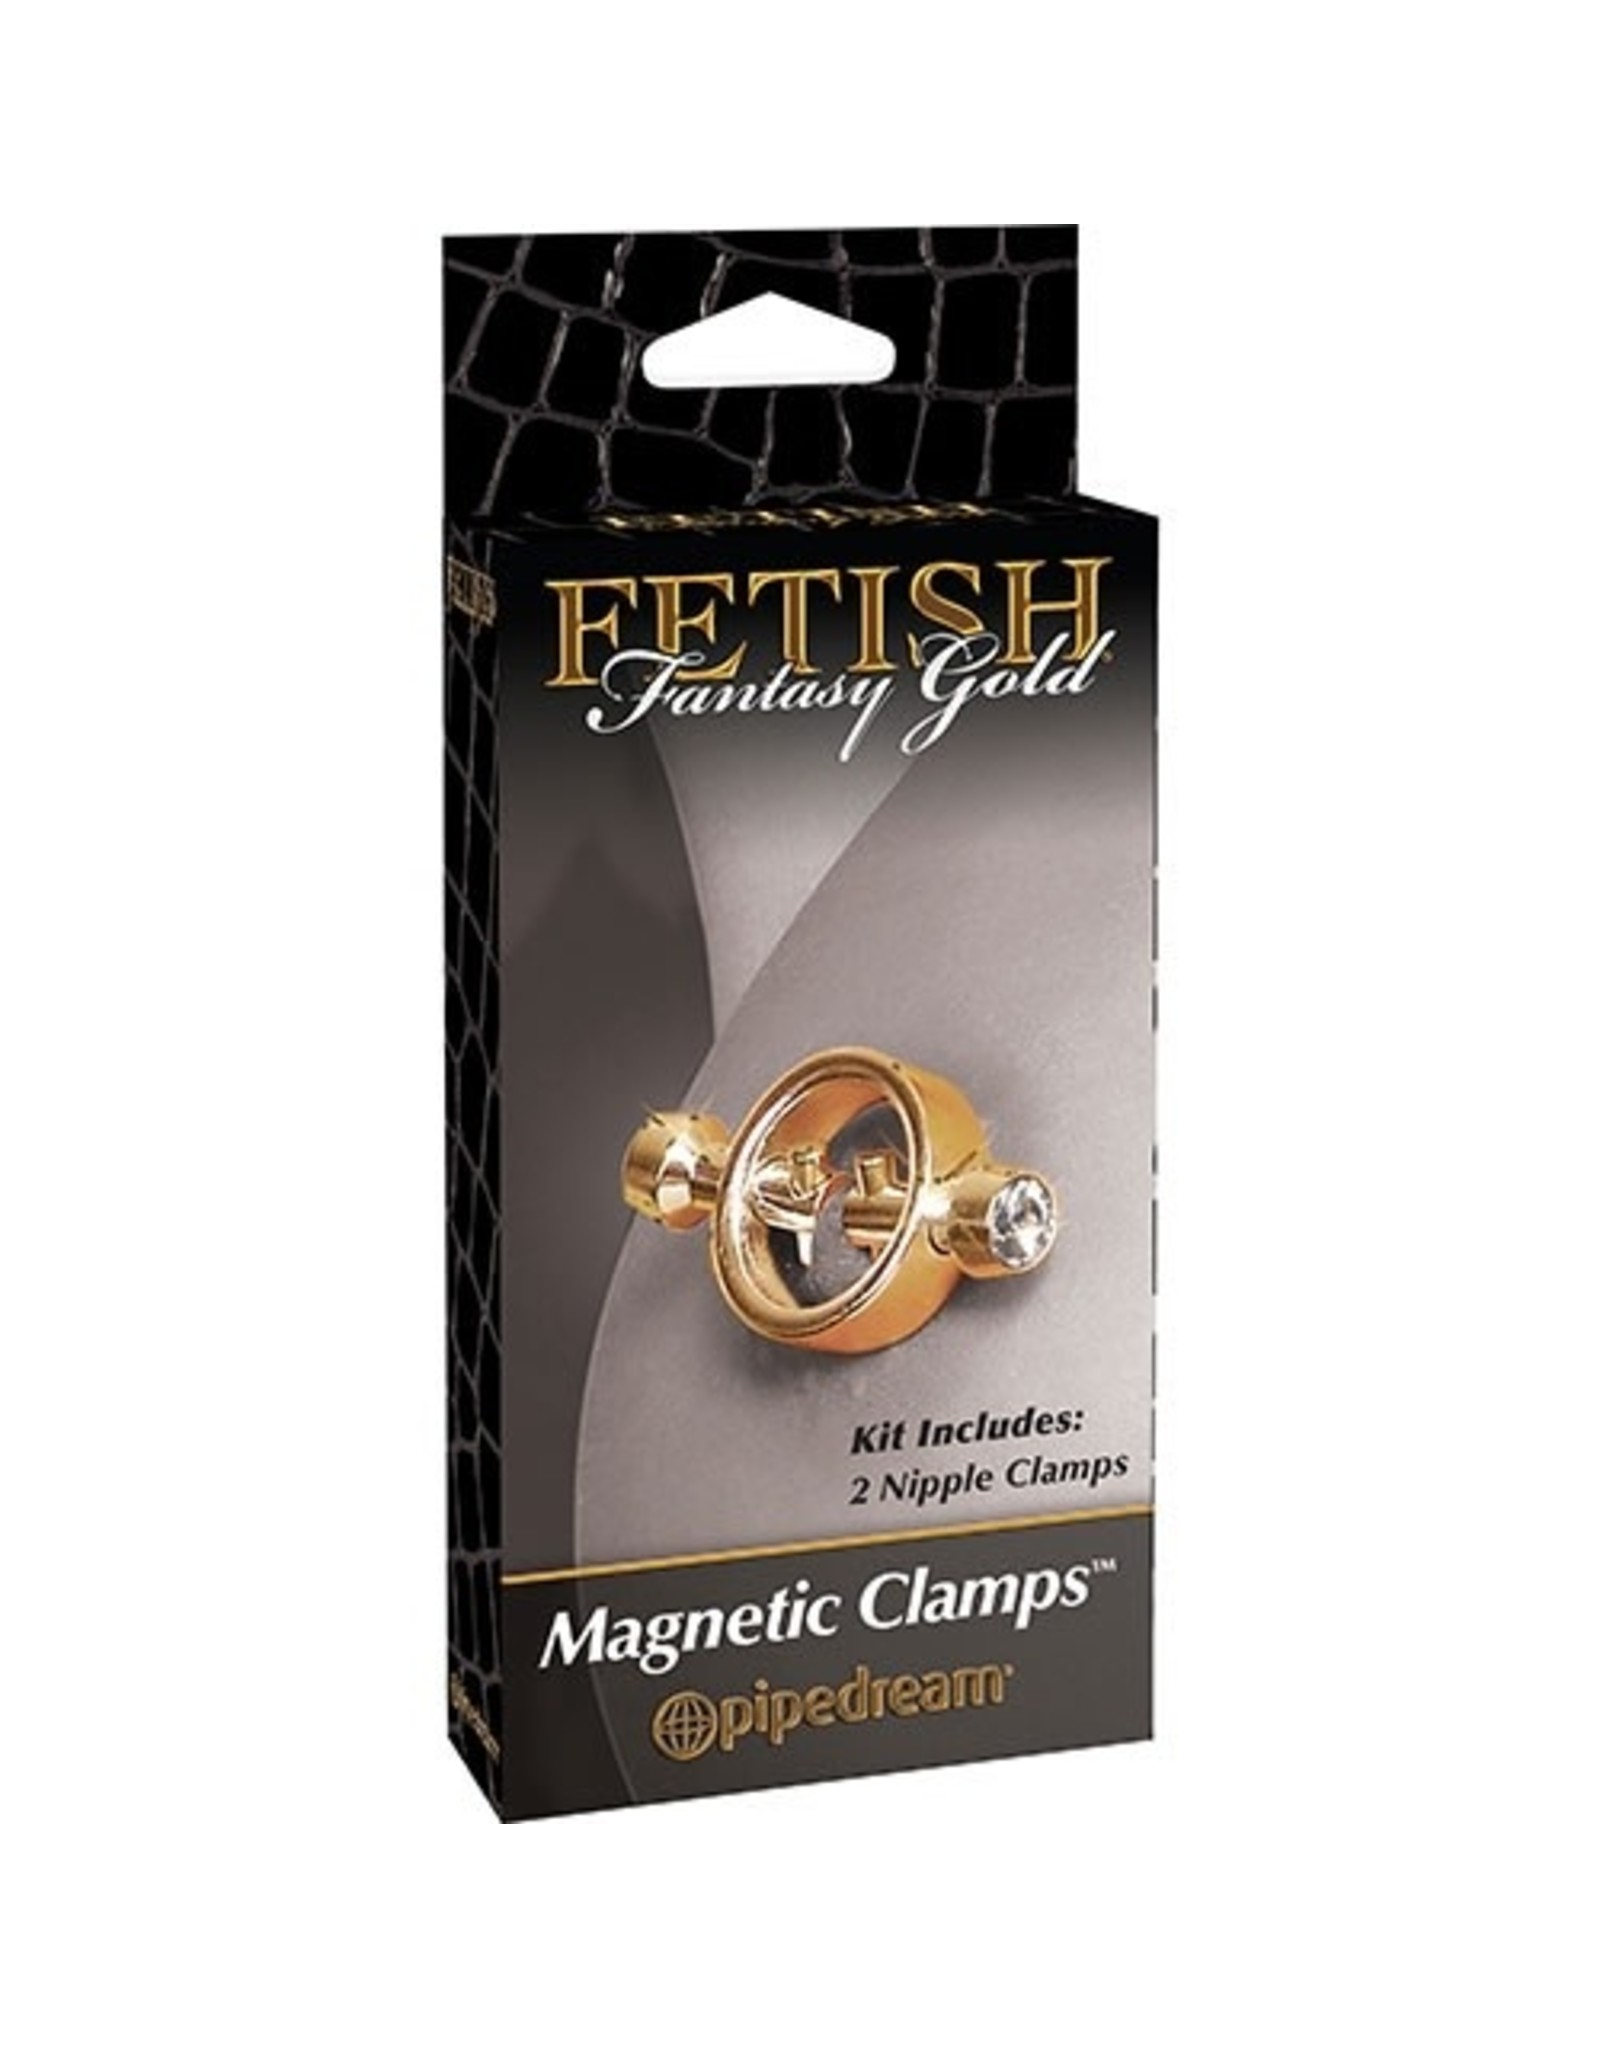 FETISH FANTASY FETISH FANTASY GOLD MAGNETIC CLAMPS